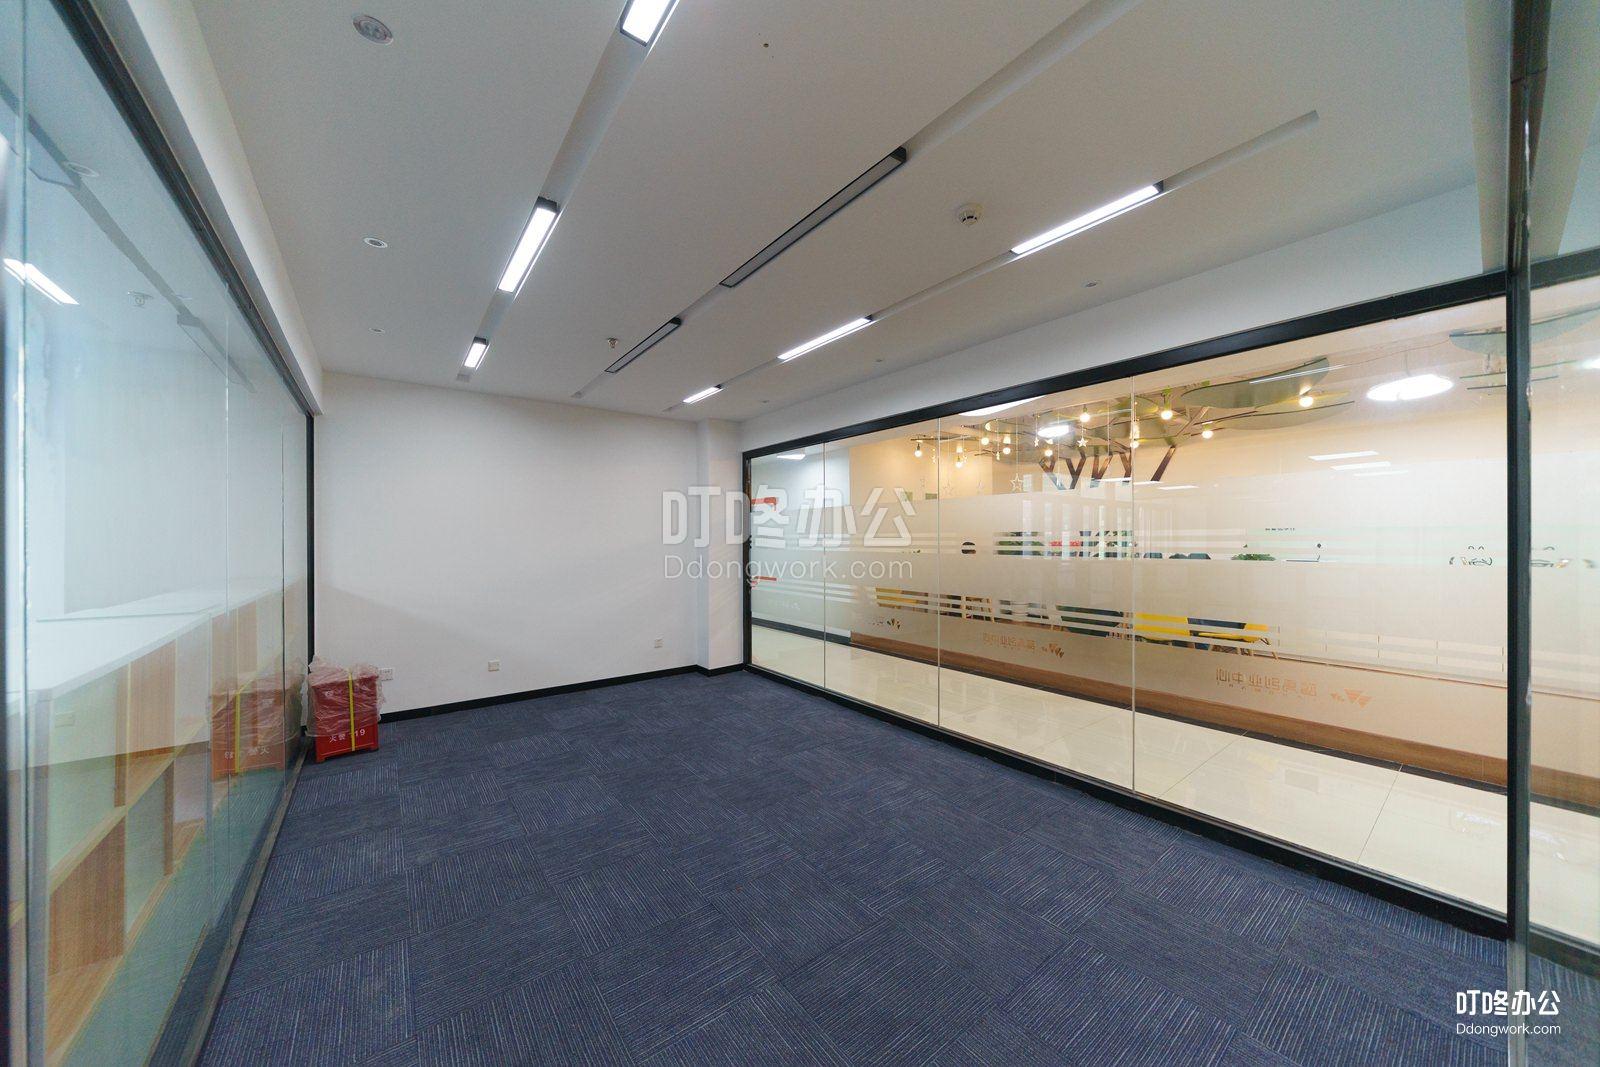 蓝马创业 · 虚拟大学园站独立空间